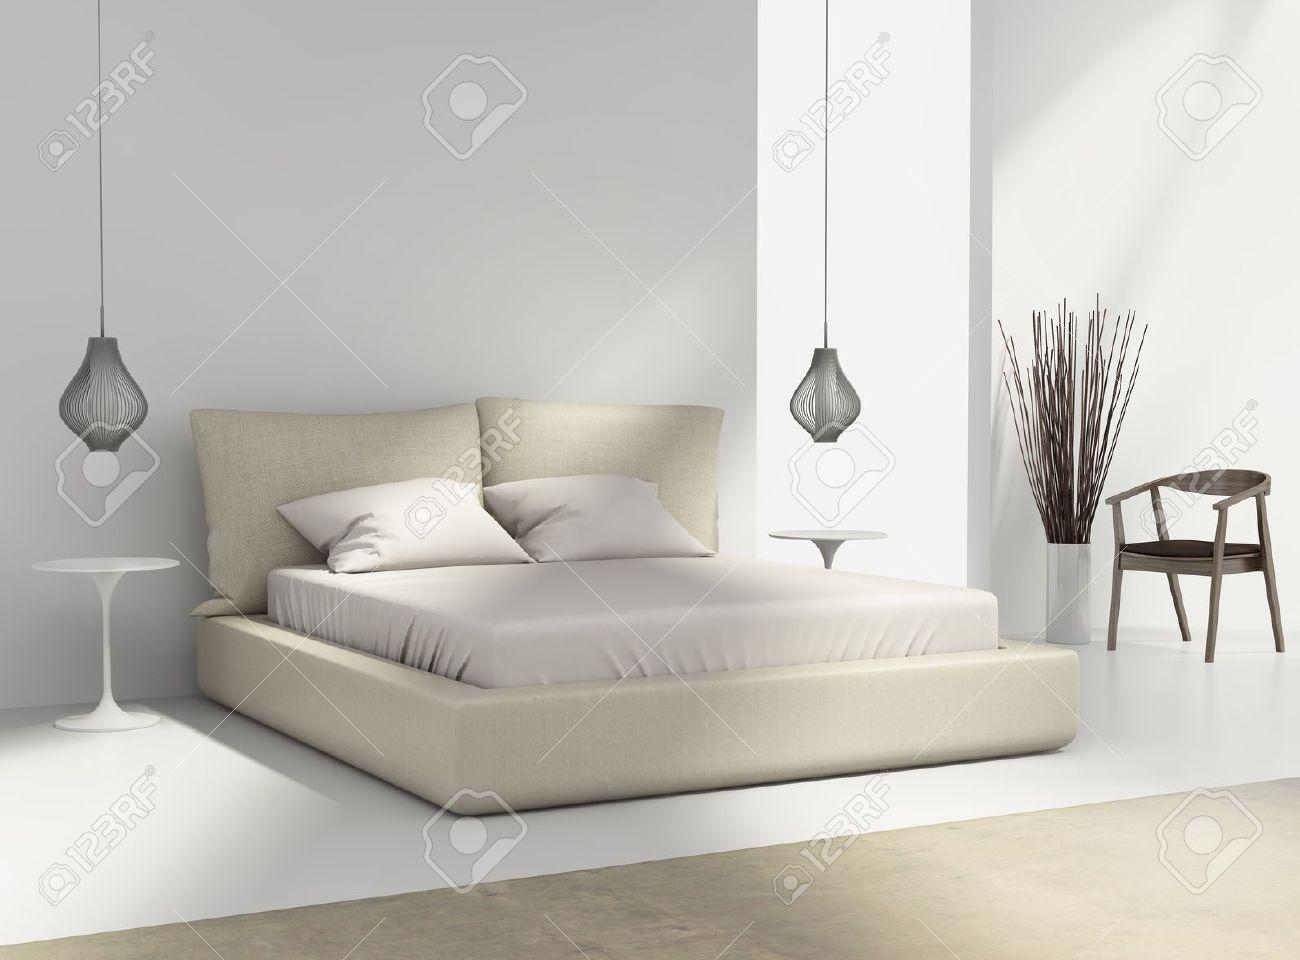 Standard Bild   Weiß Und Beige Schlafzimmer Mit Stuhl Und Hängelampen Draht